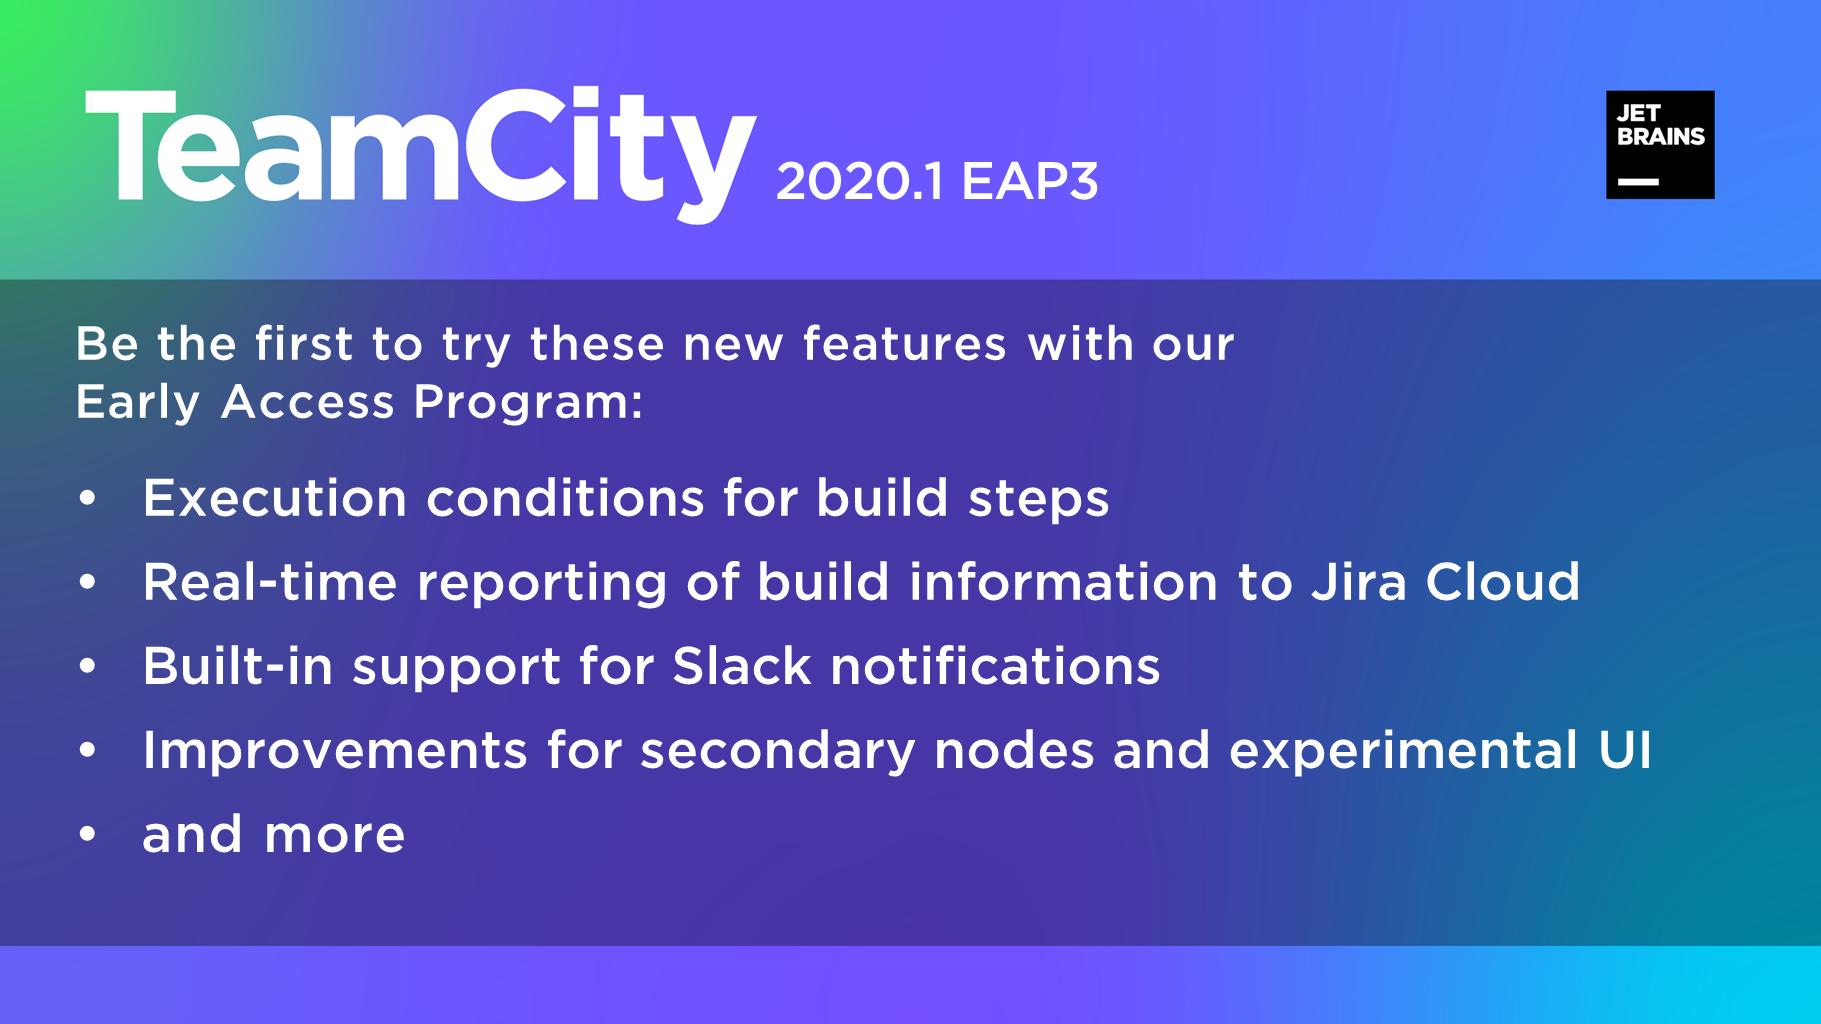 TeamCity 2020.1 EAP3